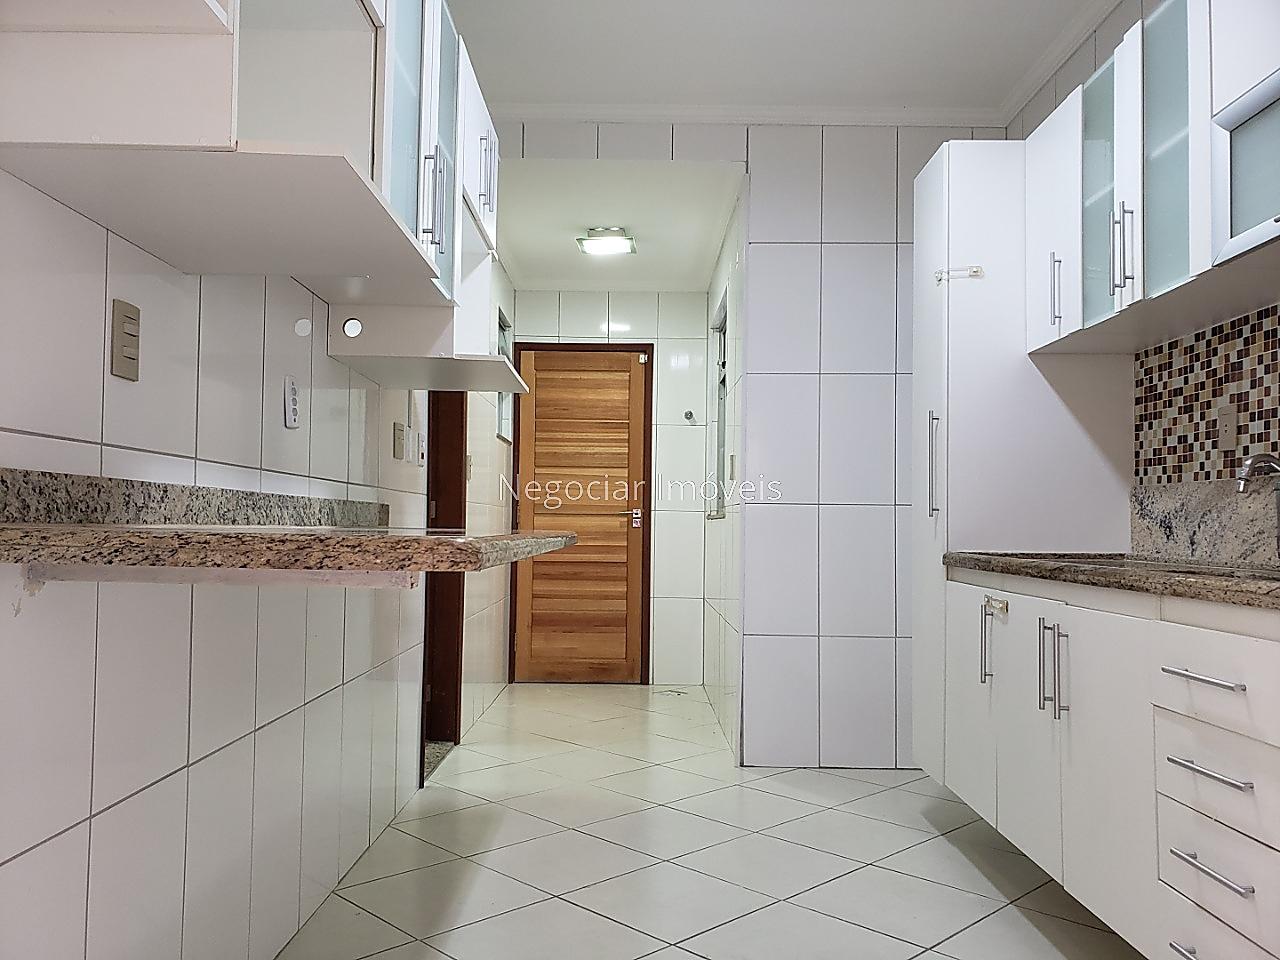 Apartamento à venda em Morro da Glória, Juiz de Fora - MG - Foto 8